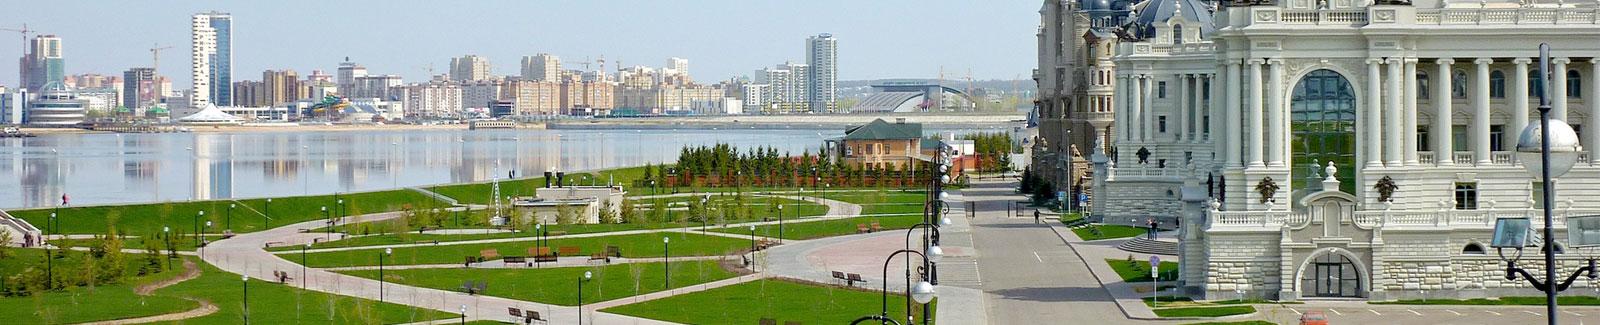 Туры в Казань для школьников